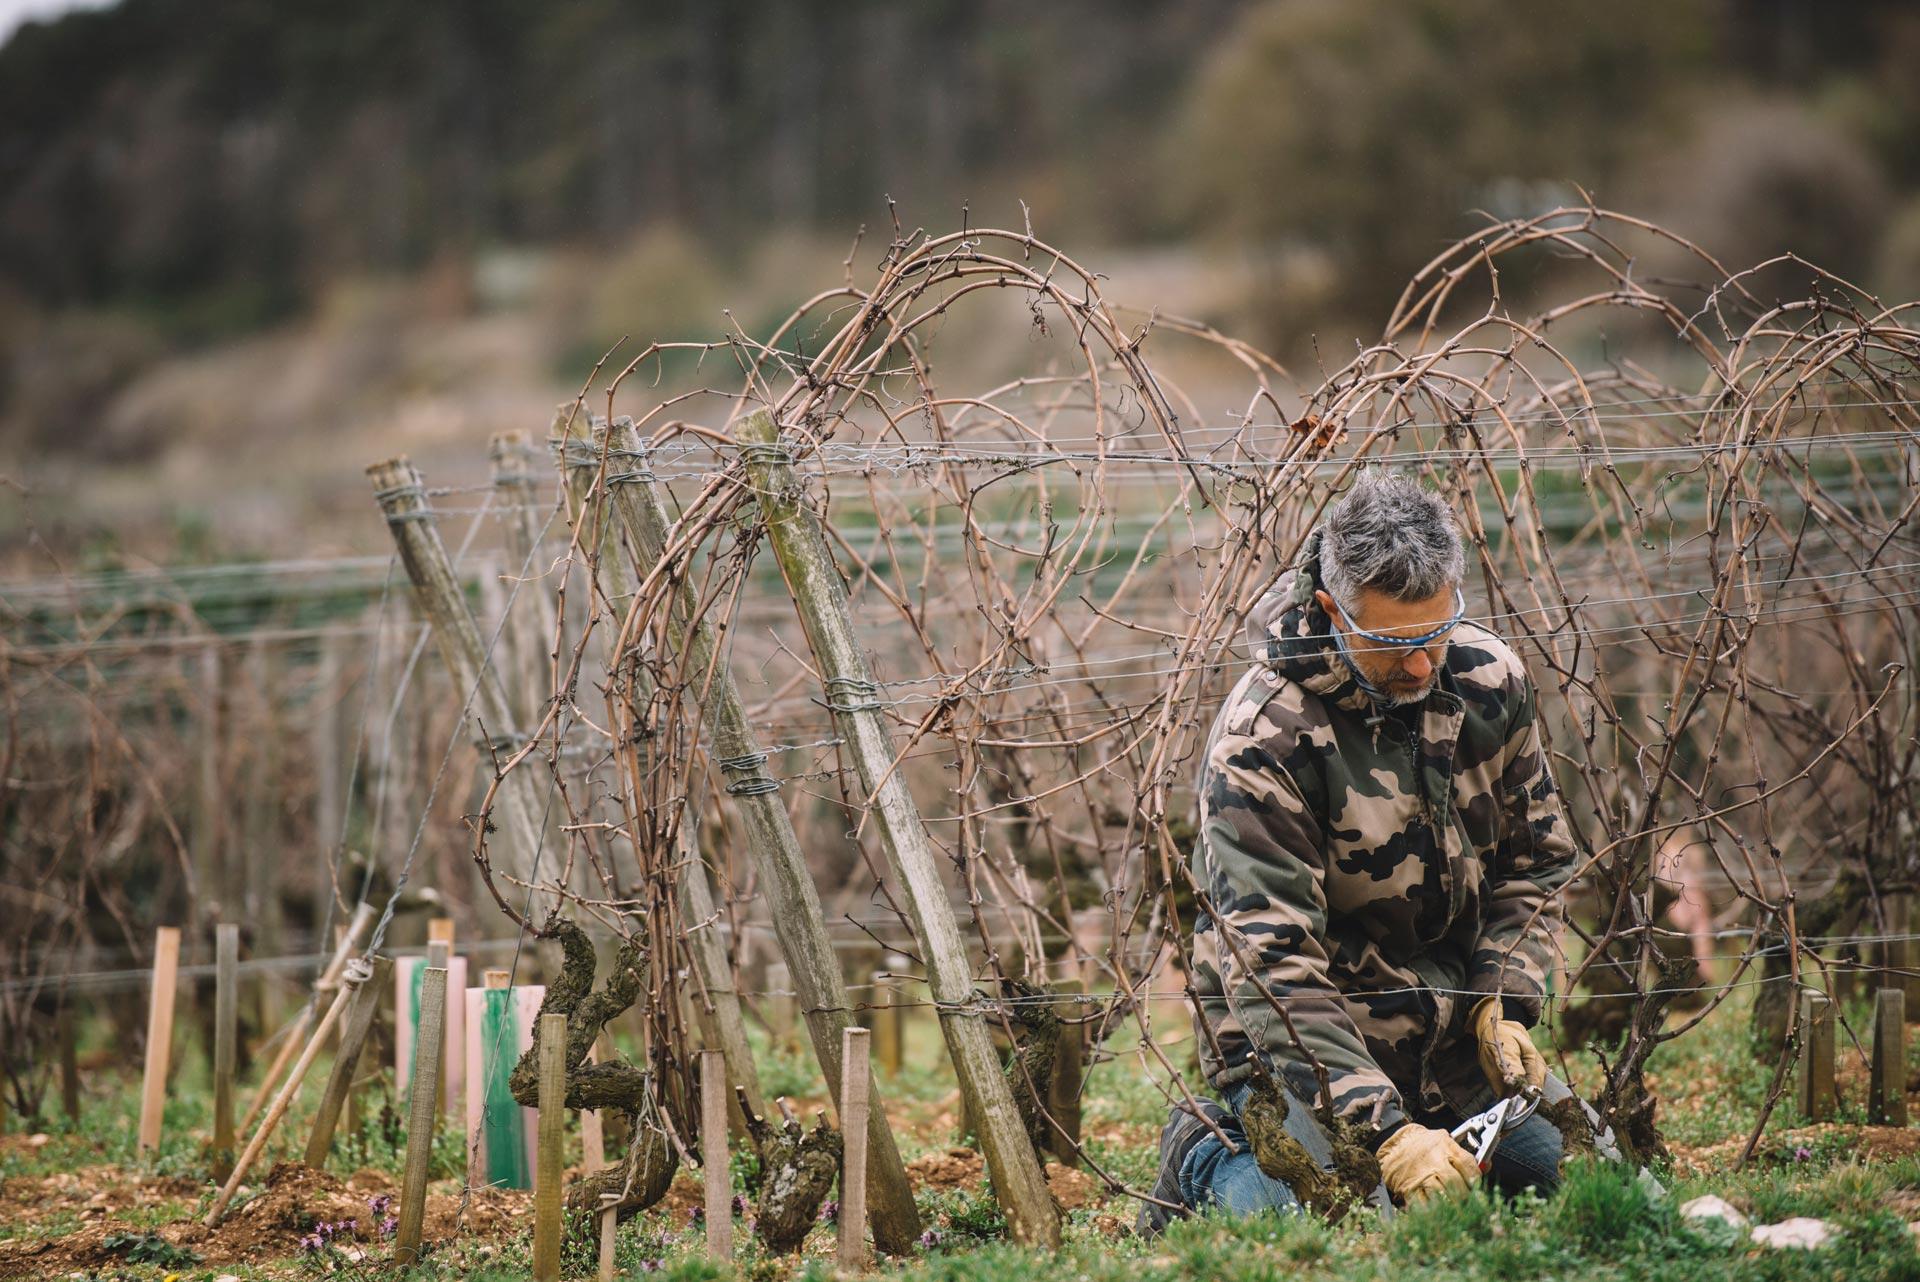 Tutoraggio in vigna | Domaine d'Auvenay | Bonnes Mares | Bourgogne